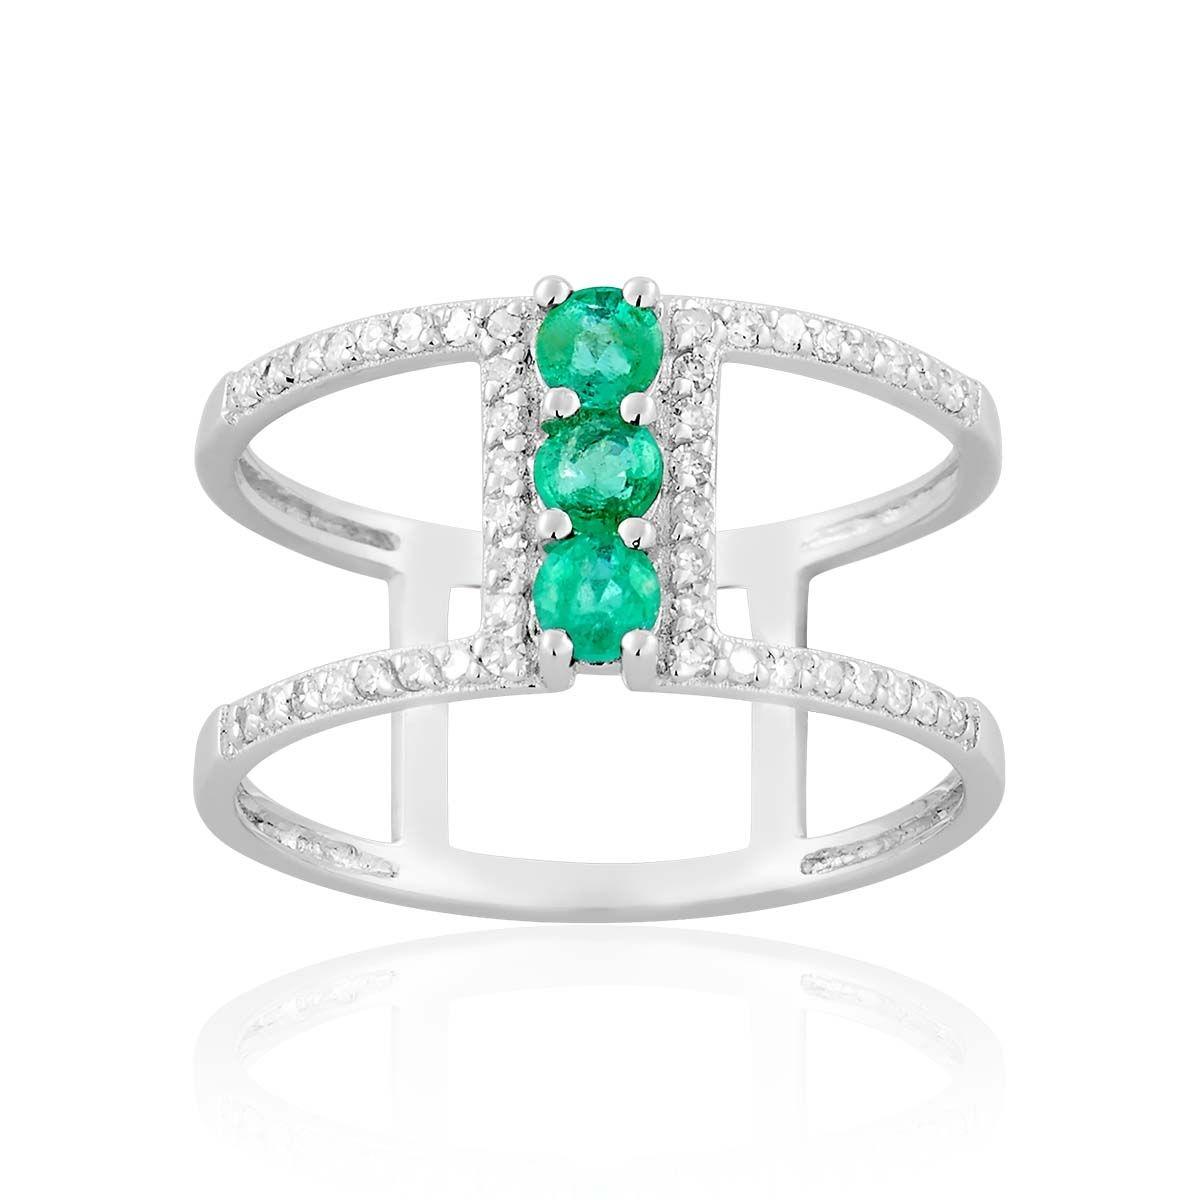 Bague en Or 750/1000, Emeraude Vert et Diamant